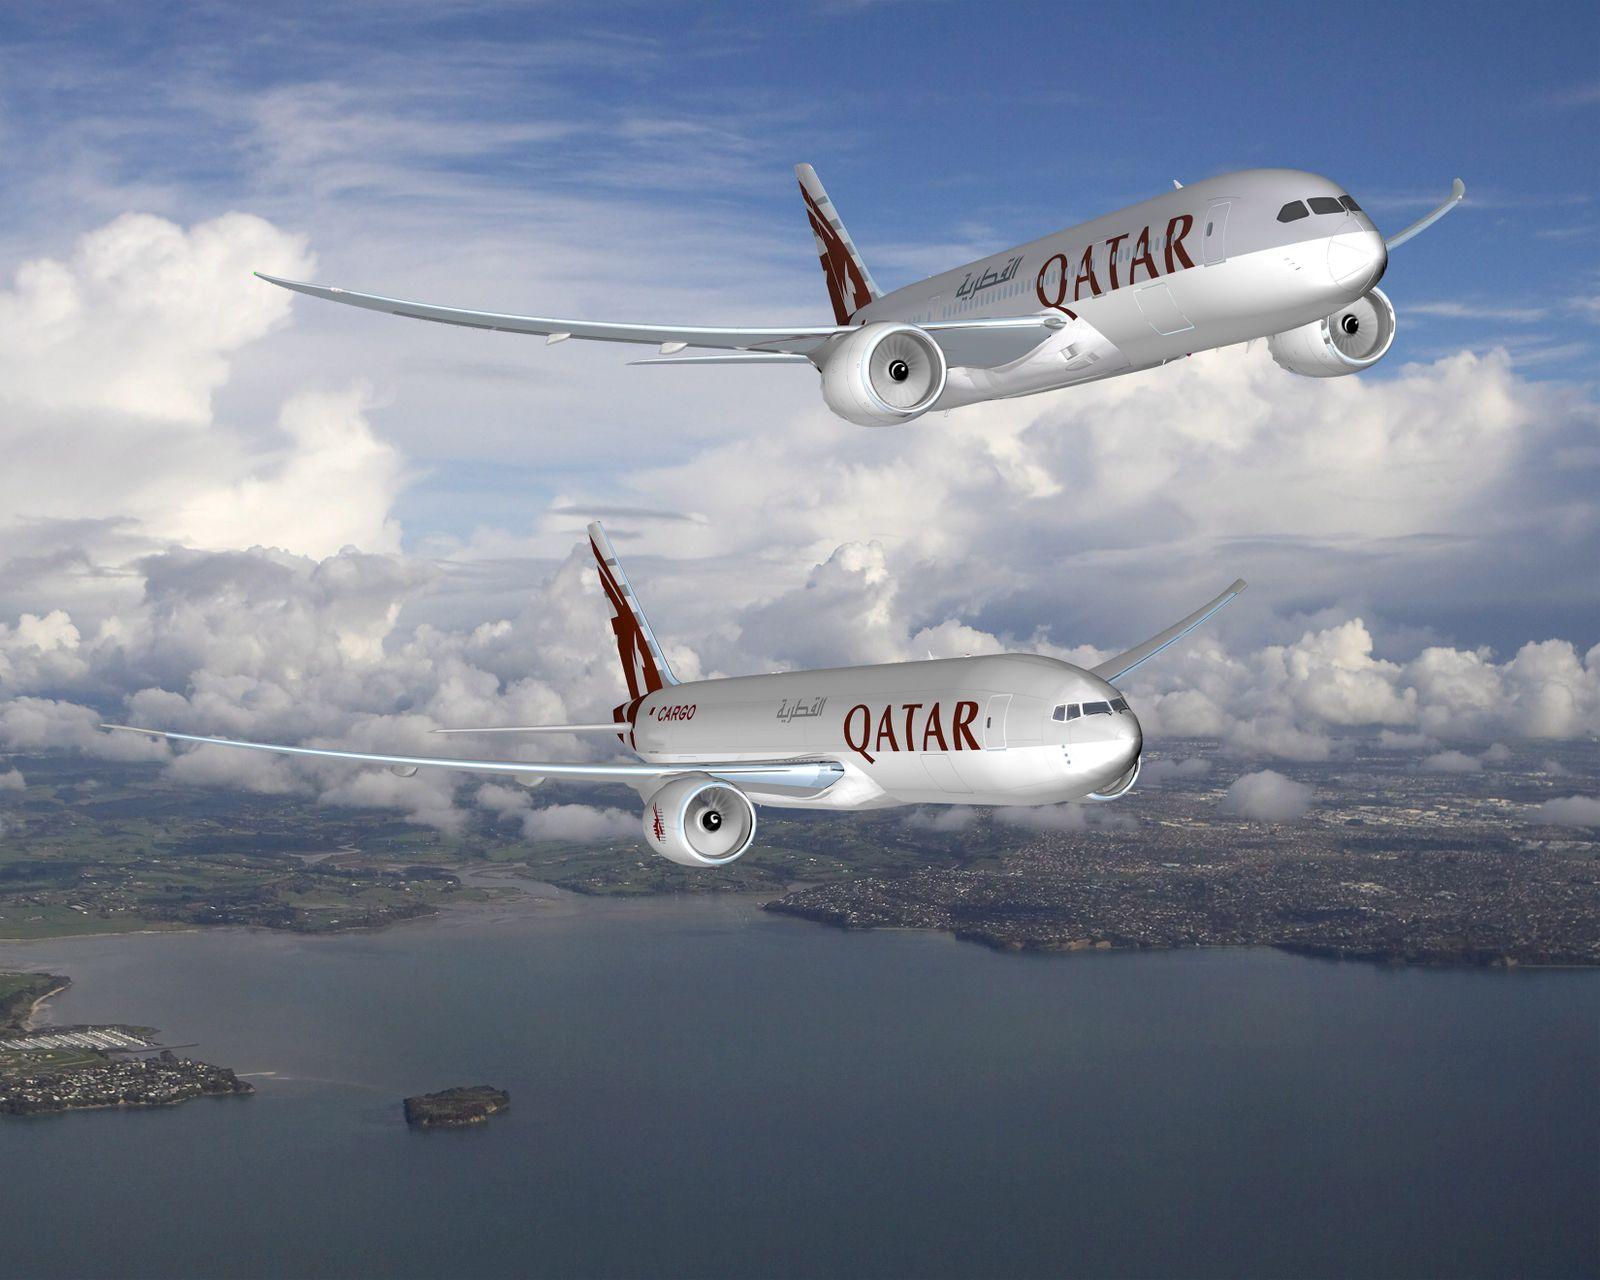 Qatar Airways / Boeing Dreamliner / Freighter (Kopie)